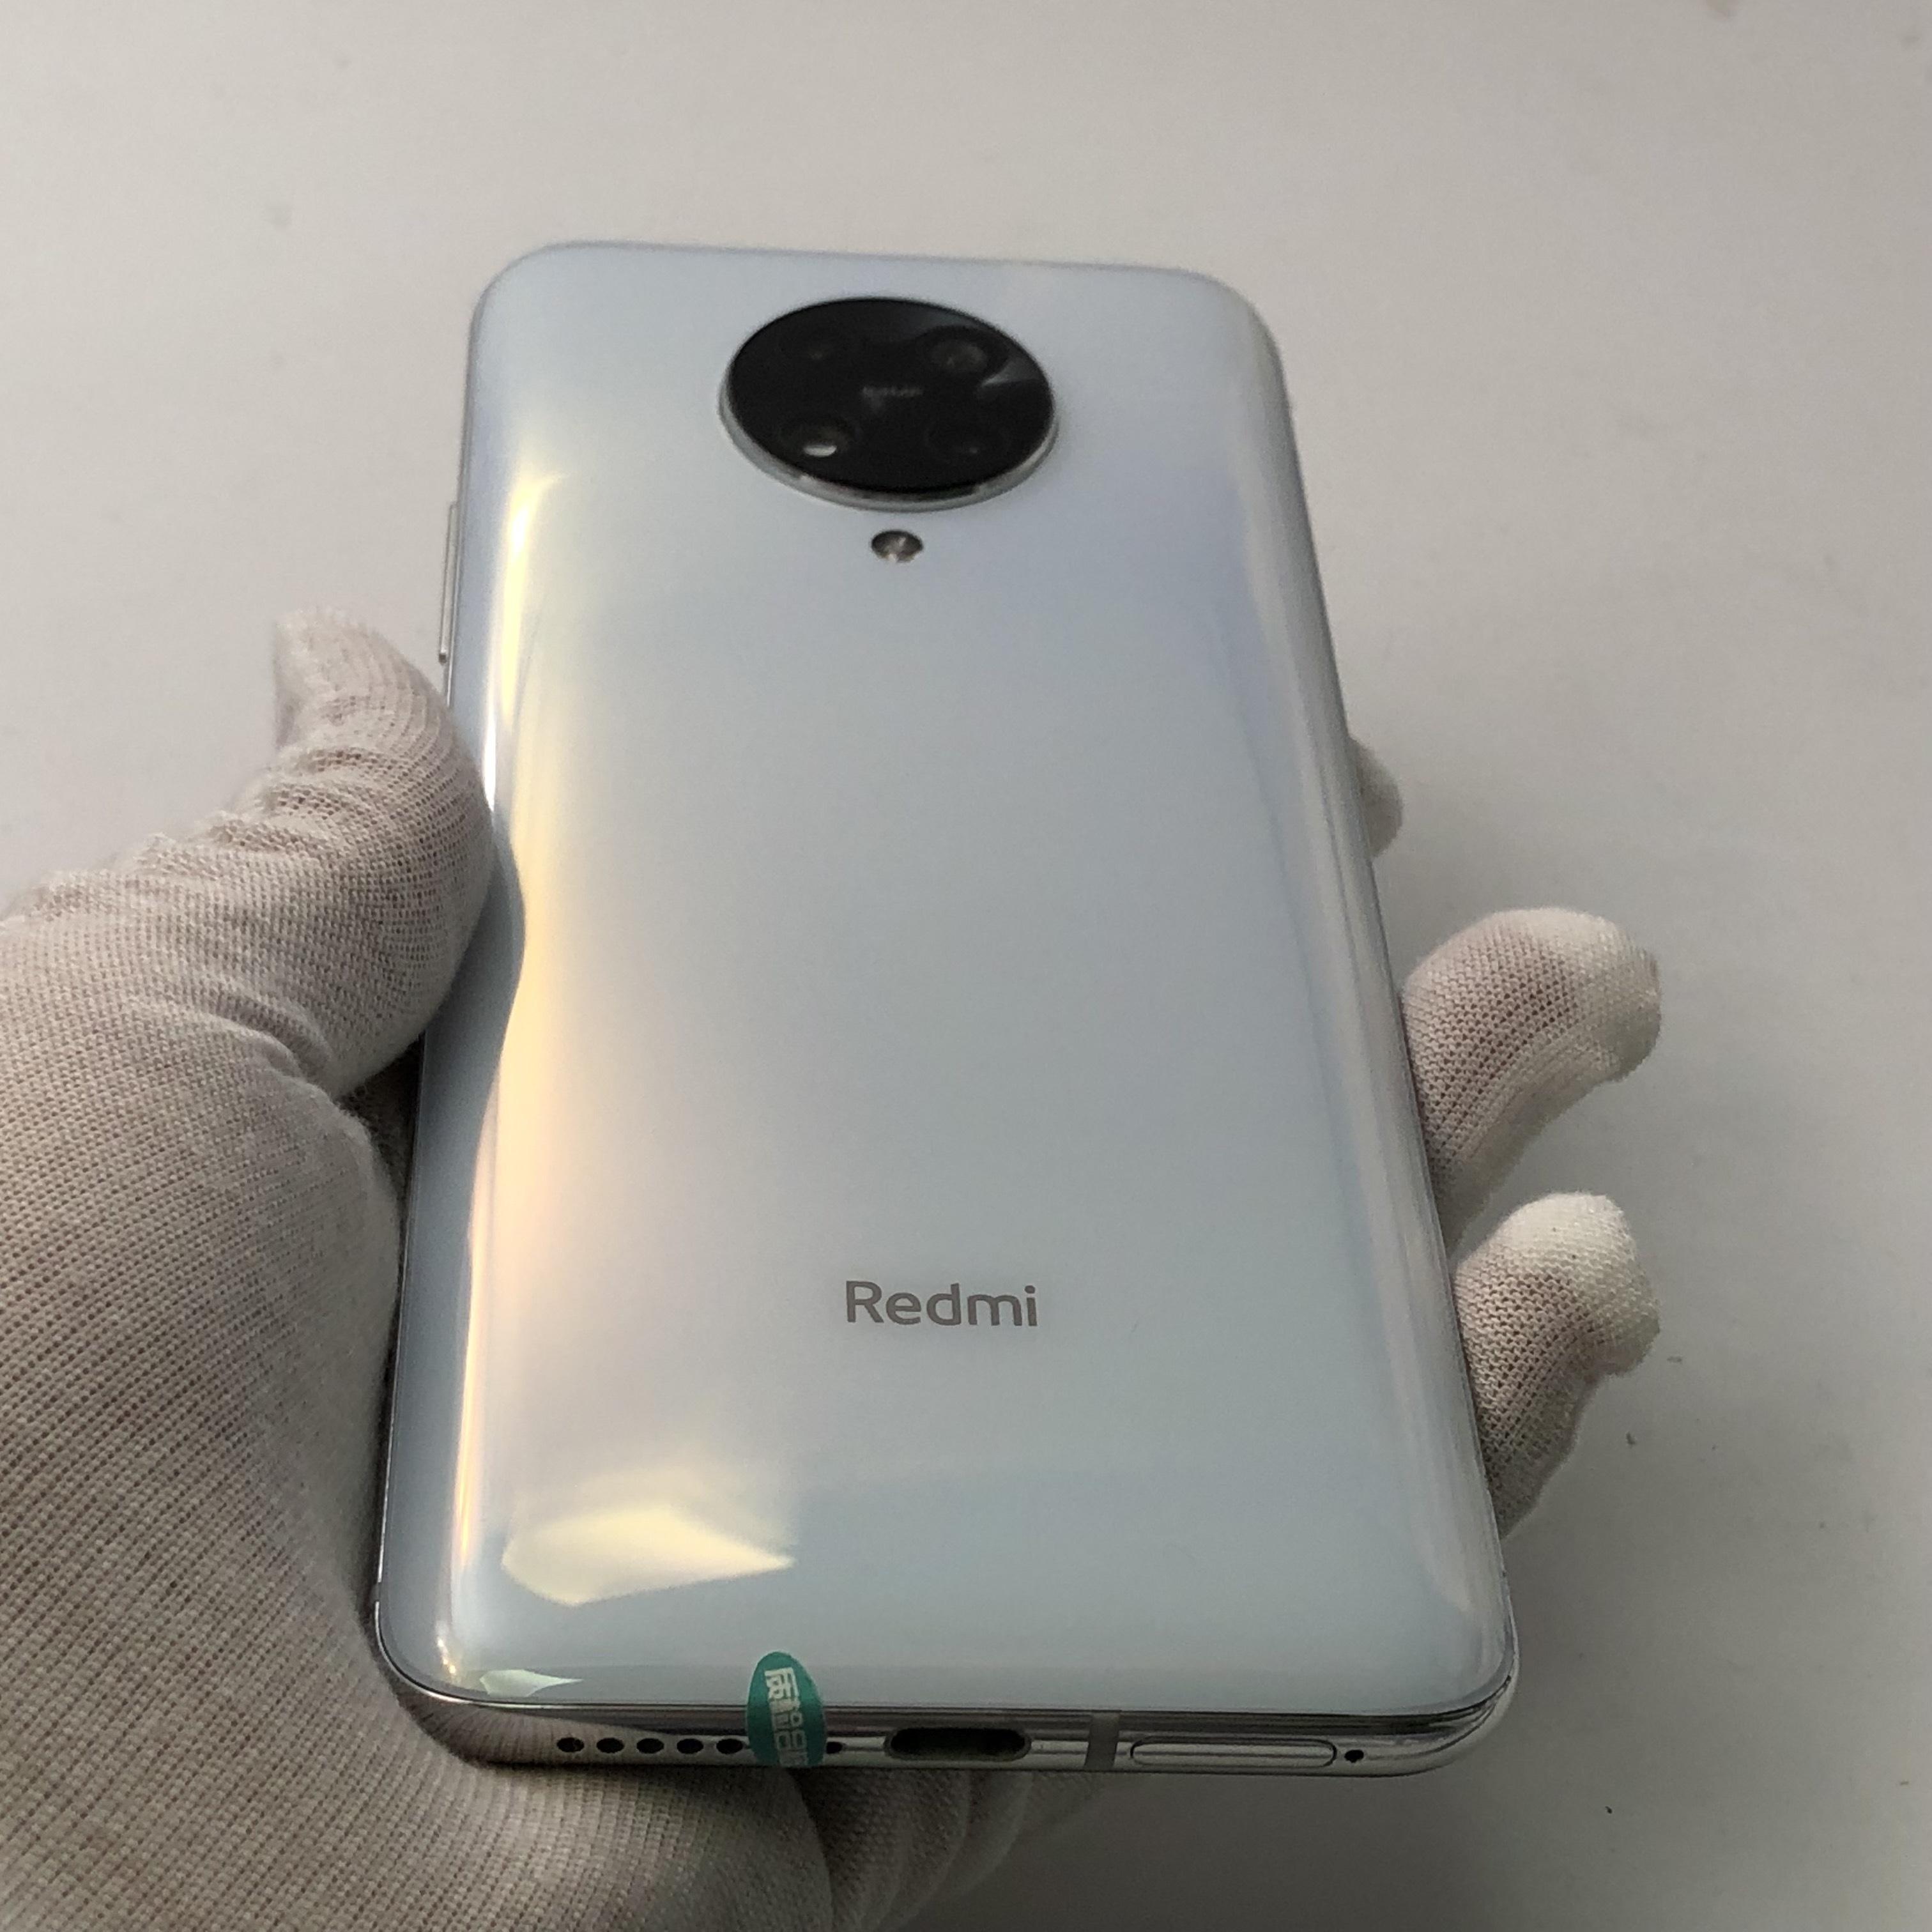 小米【Redmi K30 Pro 变焦 5G】5G全网通 月幕白 8G/256G 国行 99新